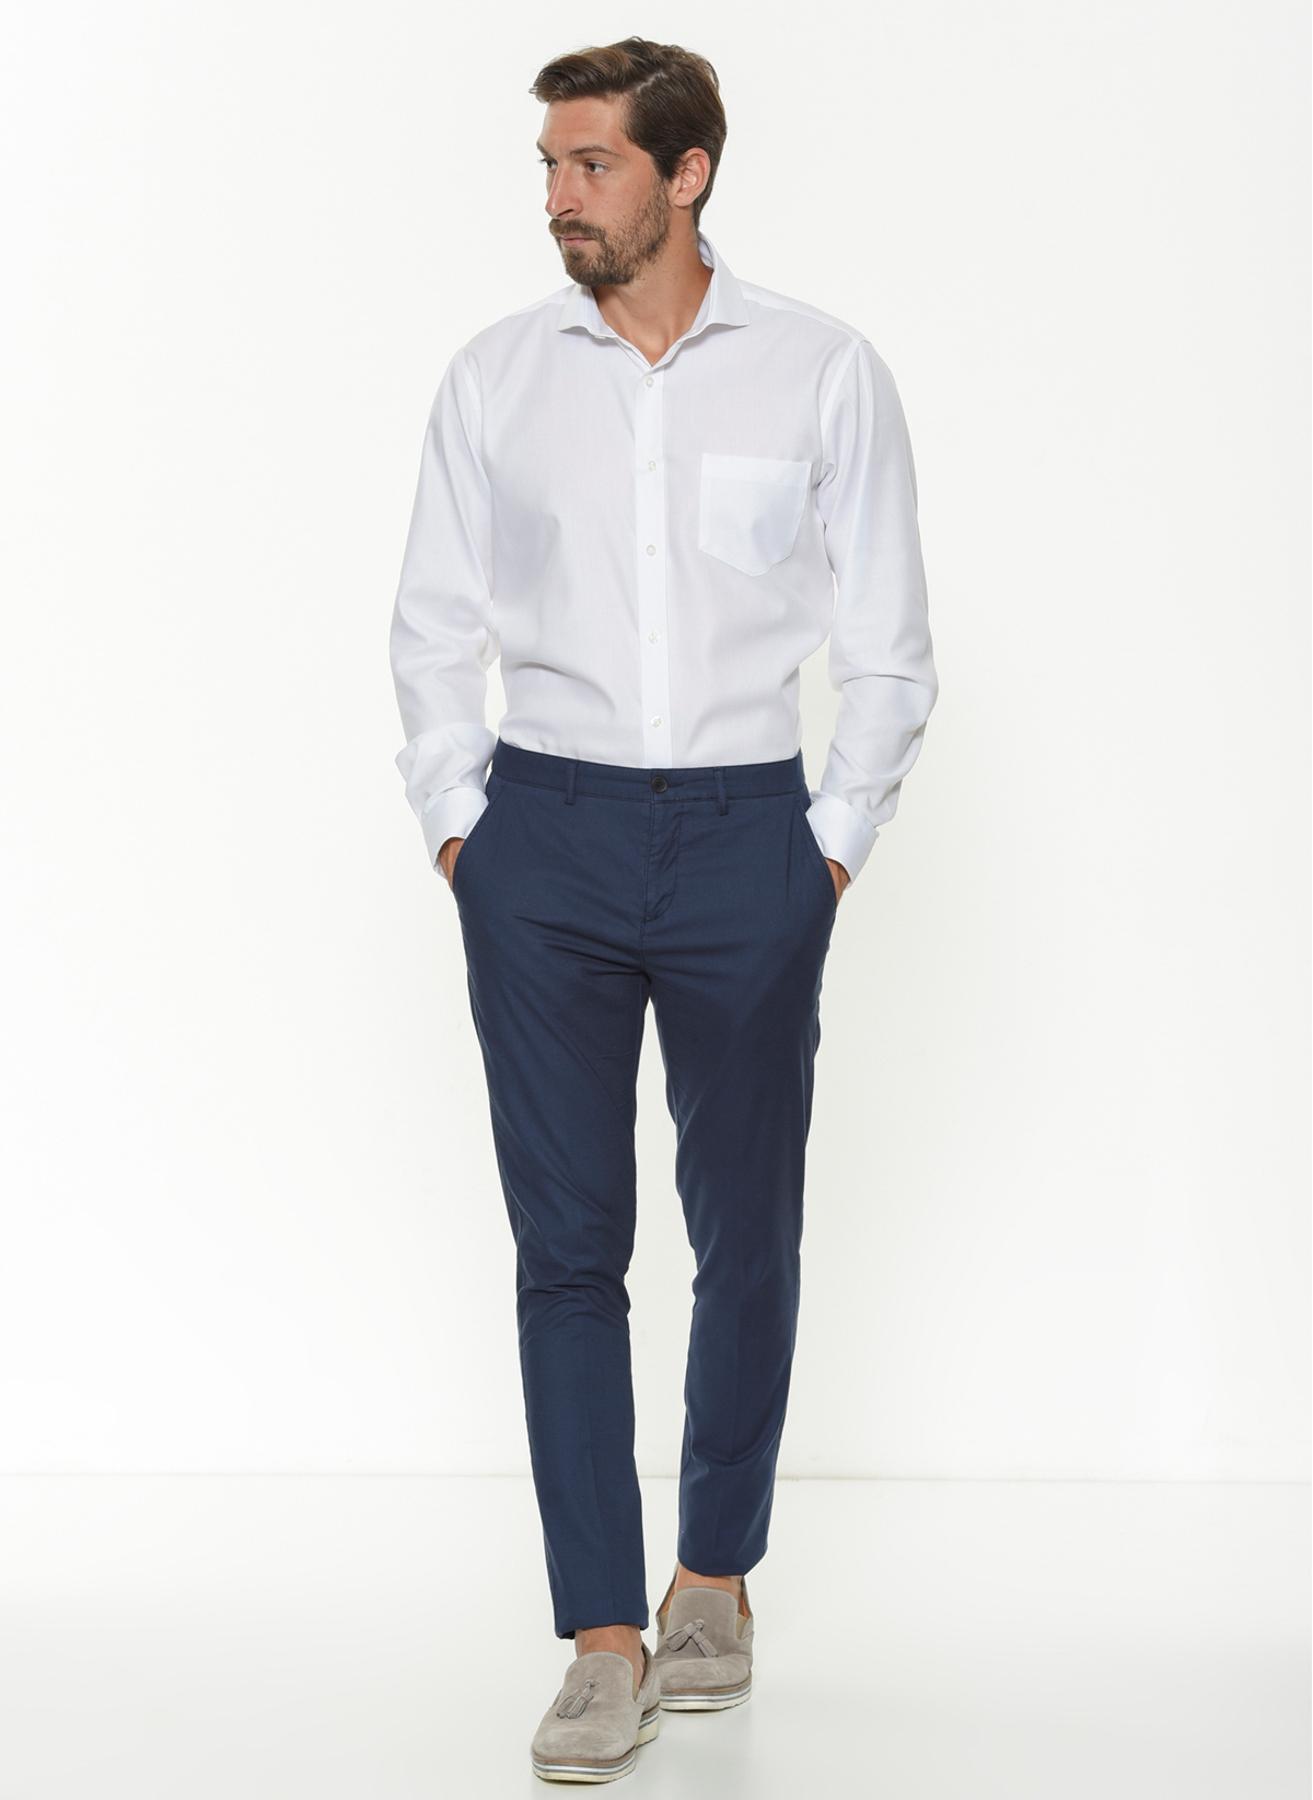 Beymen Business Klasik Pantolon 46 5000415734001 Ürün Resmi